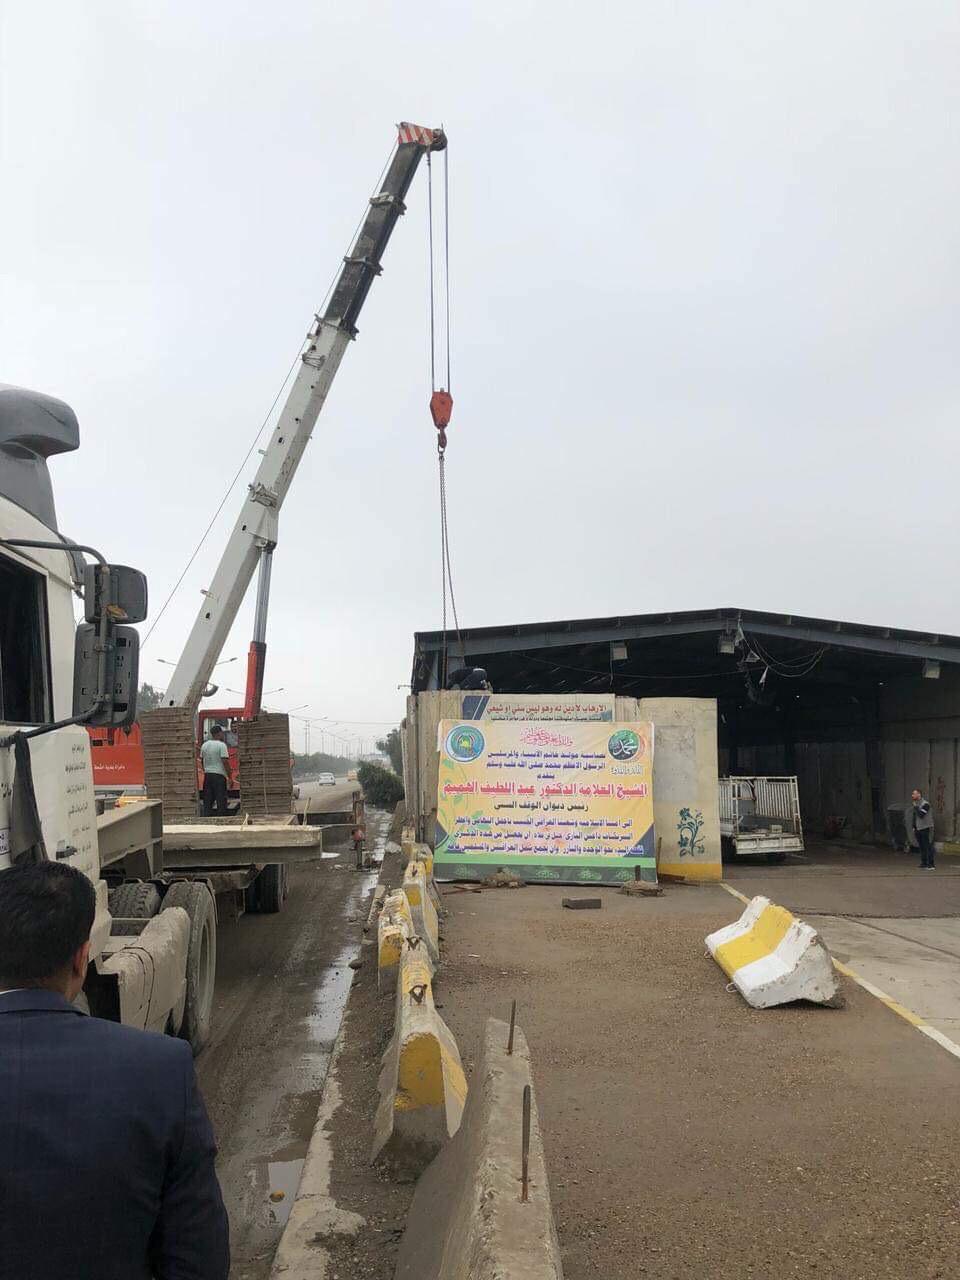 امانة بغداد تفتتح الطريق الخدمي المحاذي للطريق السريع من جانب مدينة الشعلة